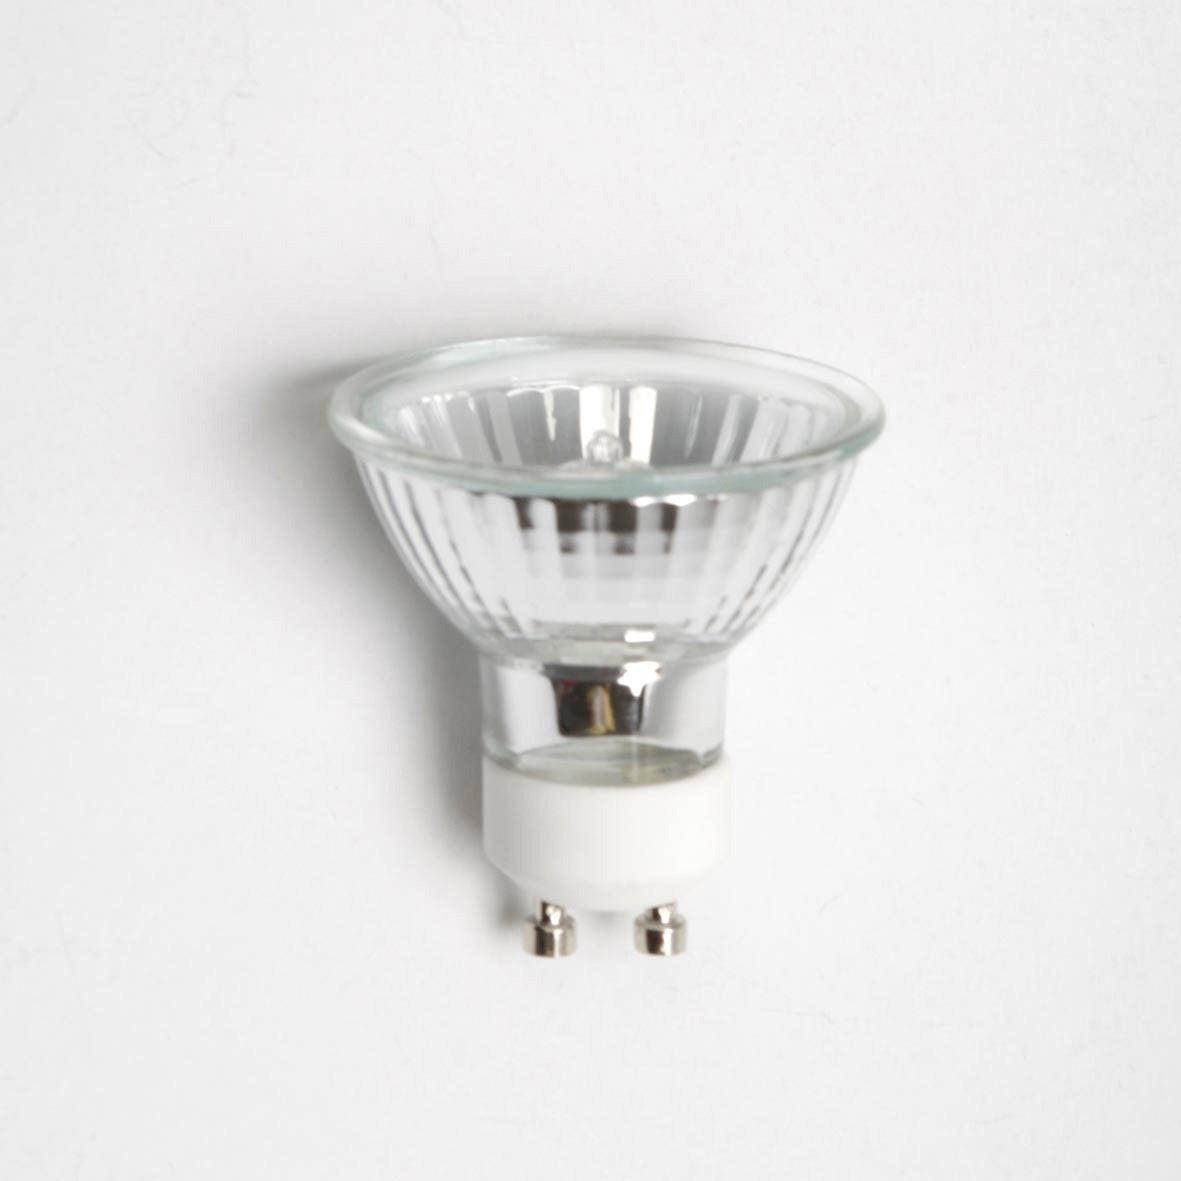 Ampoule r flecteur halog ne 42 gu10 lumi re chaude for Changer ampoule garage